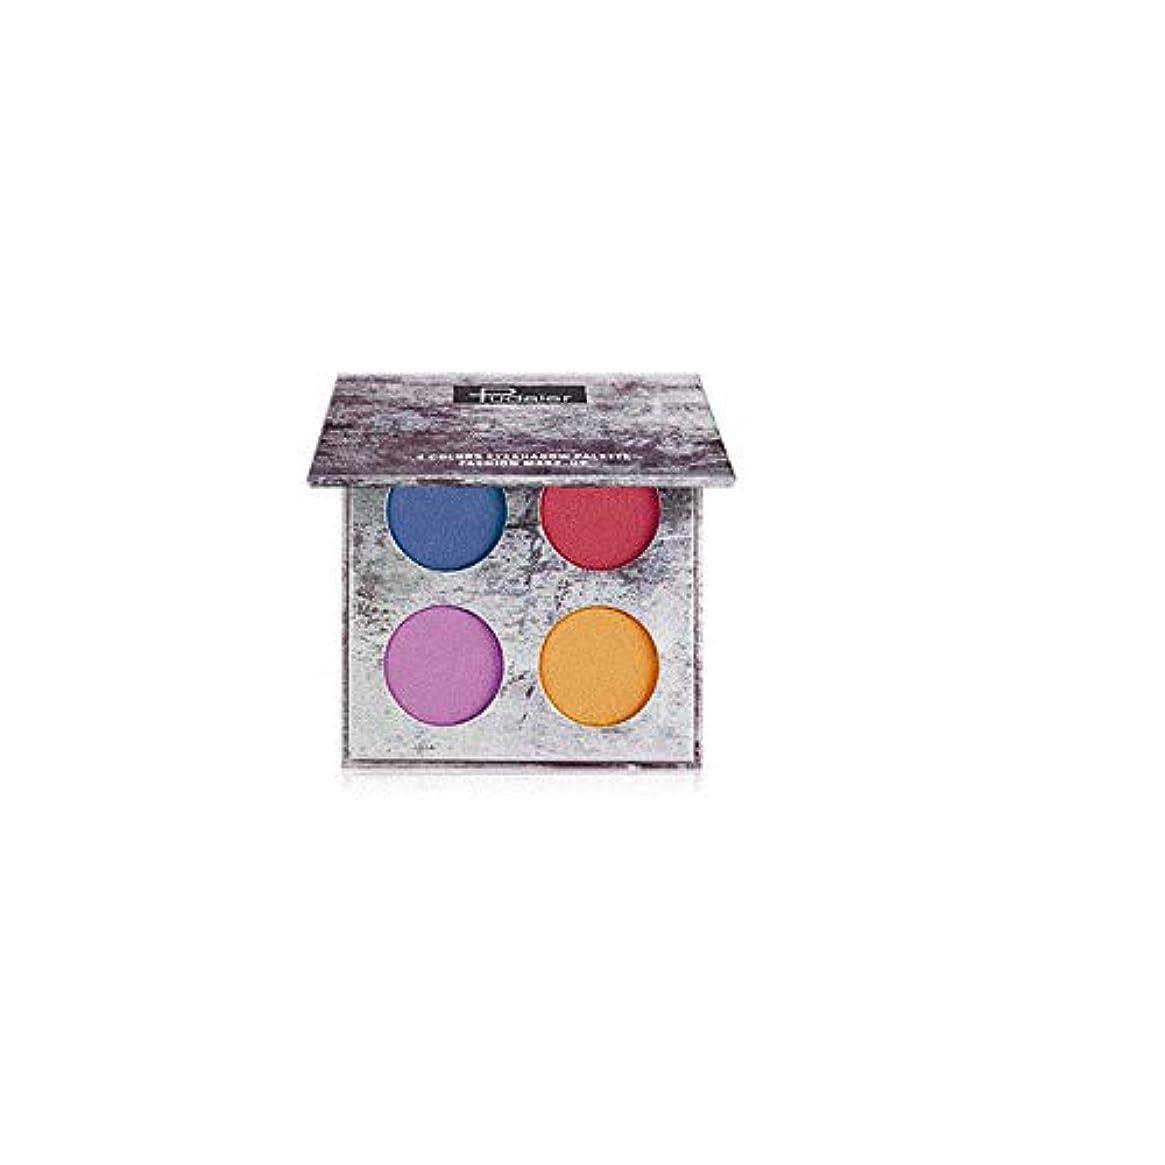 スーパーマーケット宝石デイジーLazayyii 4色アイシャドウ アイシャドウパレット 化粧品 マット (C)